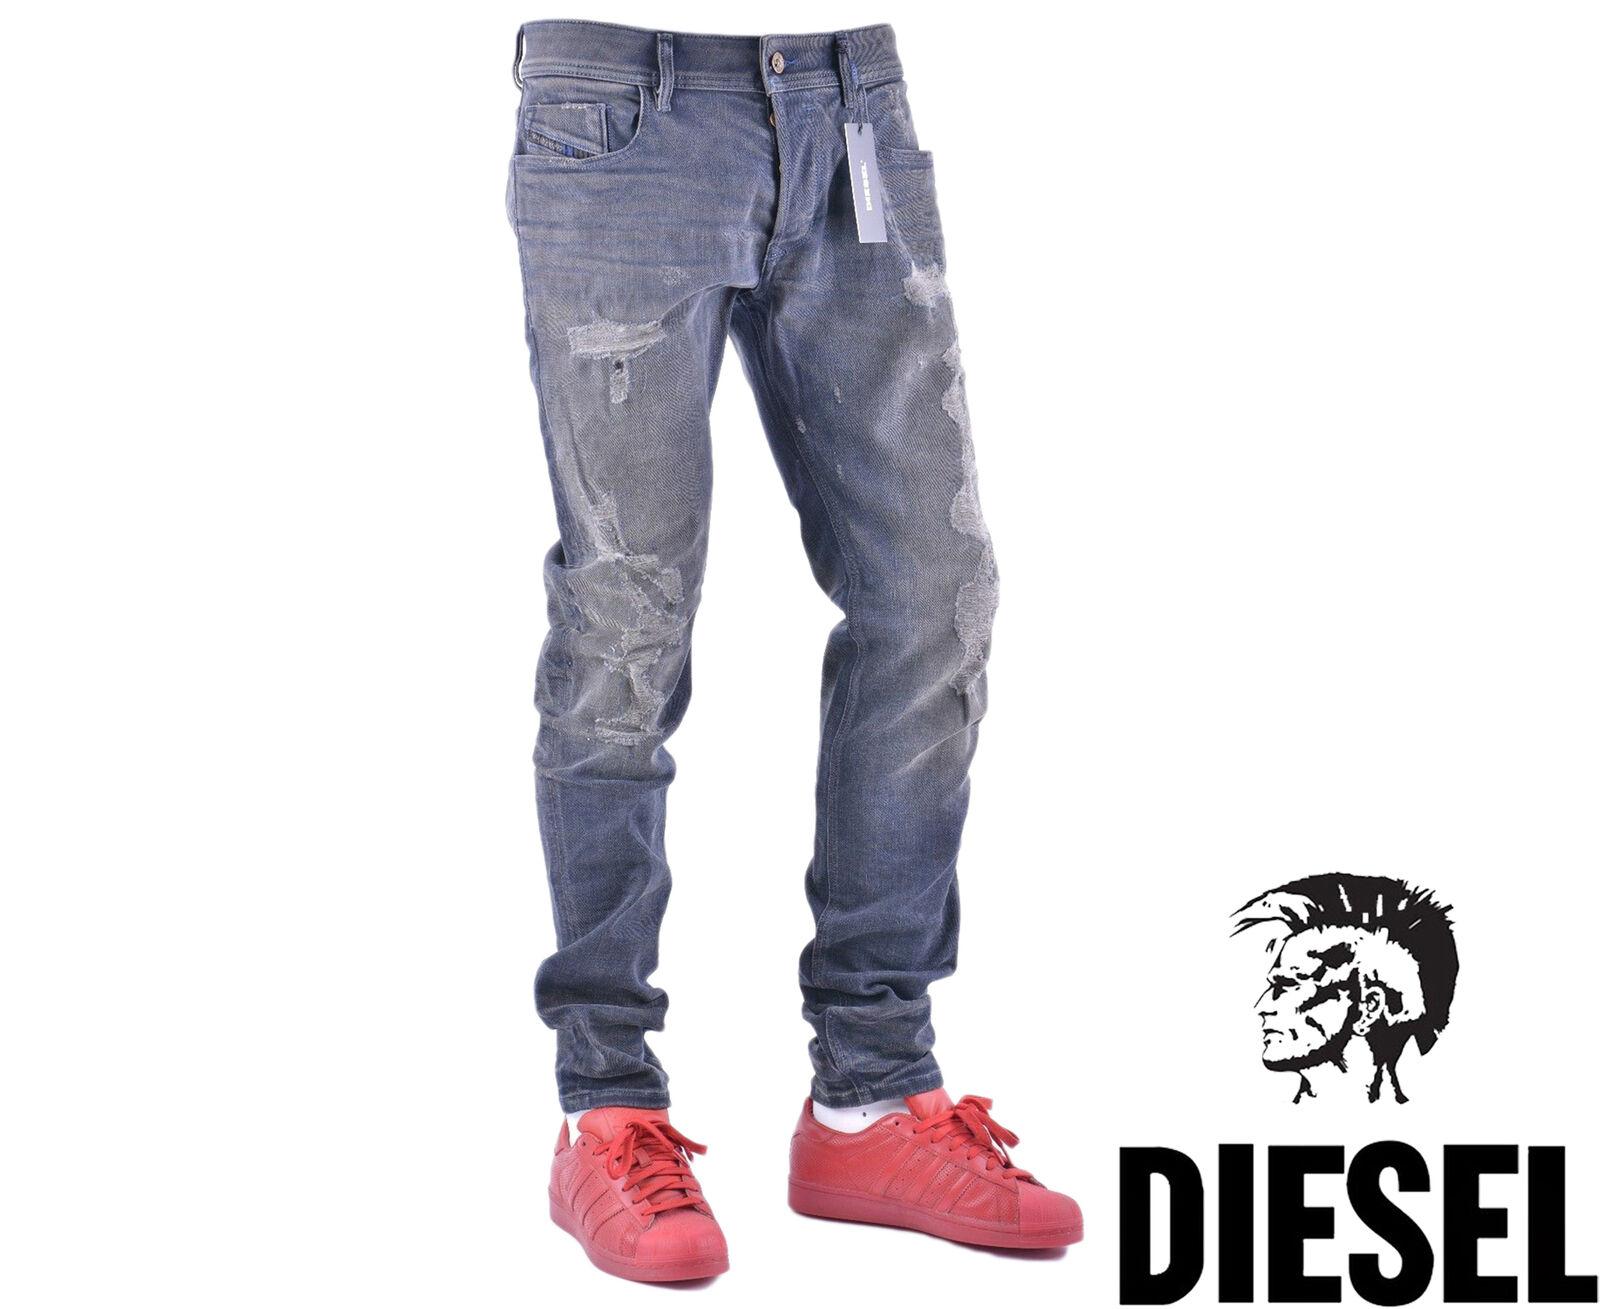 DIESEL SLEENKER 084DL W34 L32 Mens Denim Jeans Distressed Slim Fit Skinny